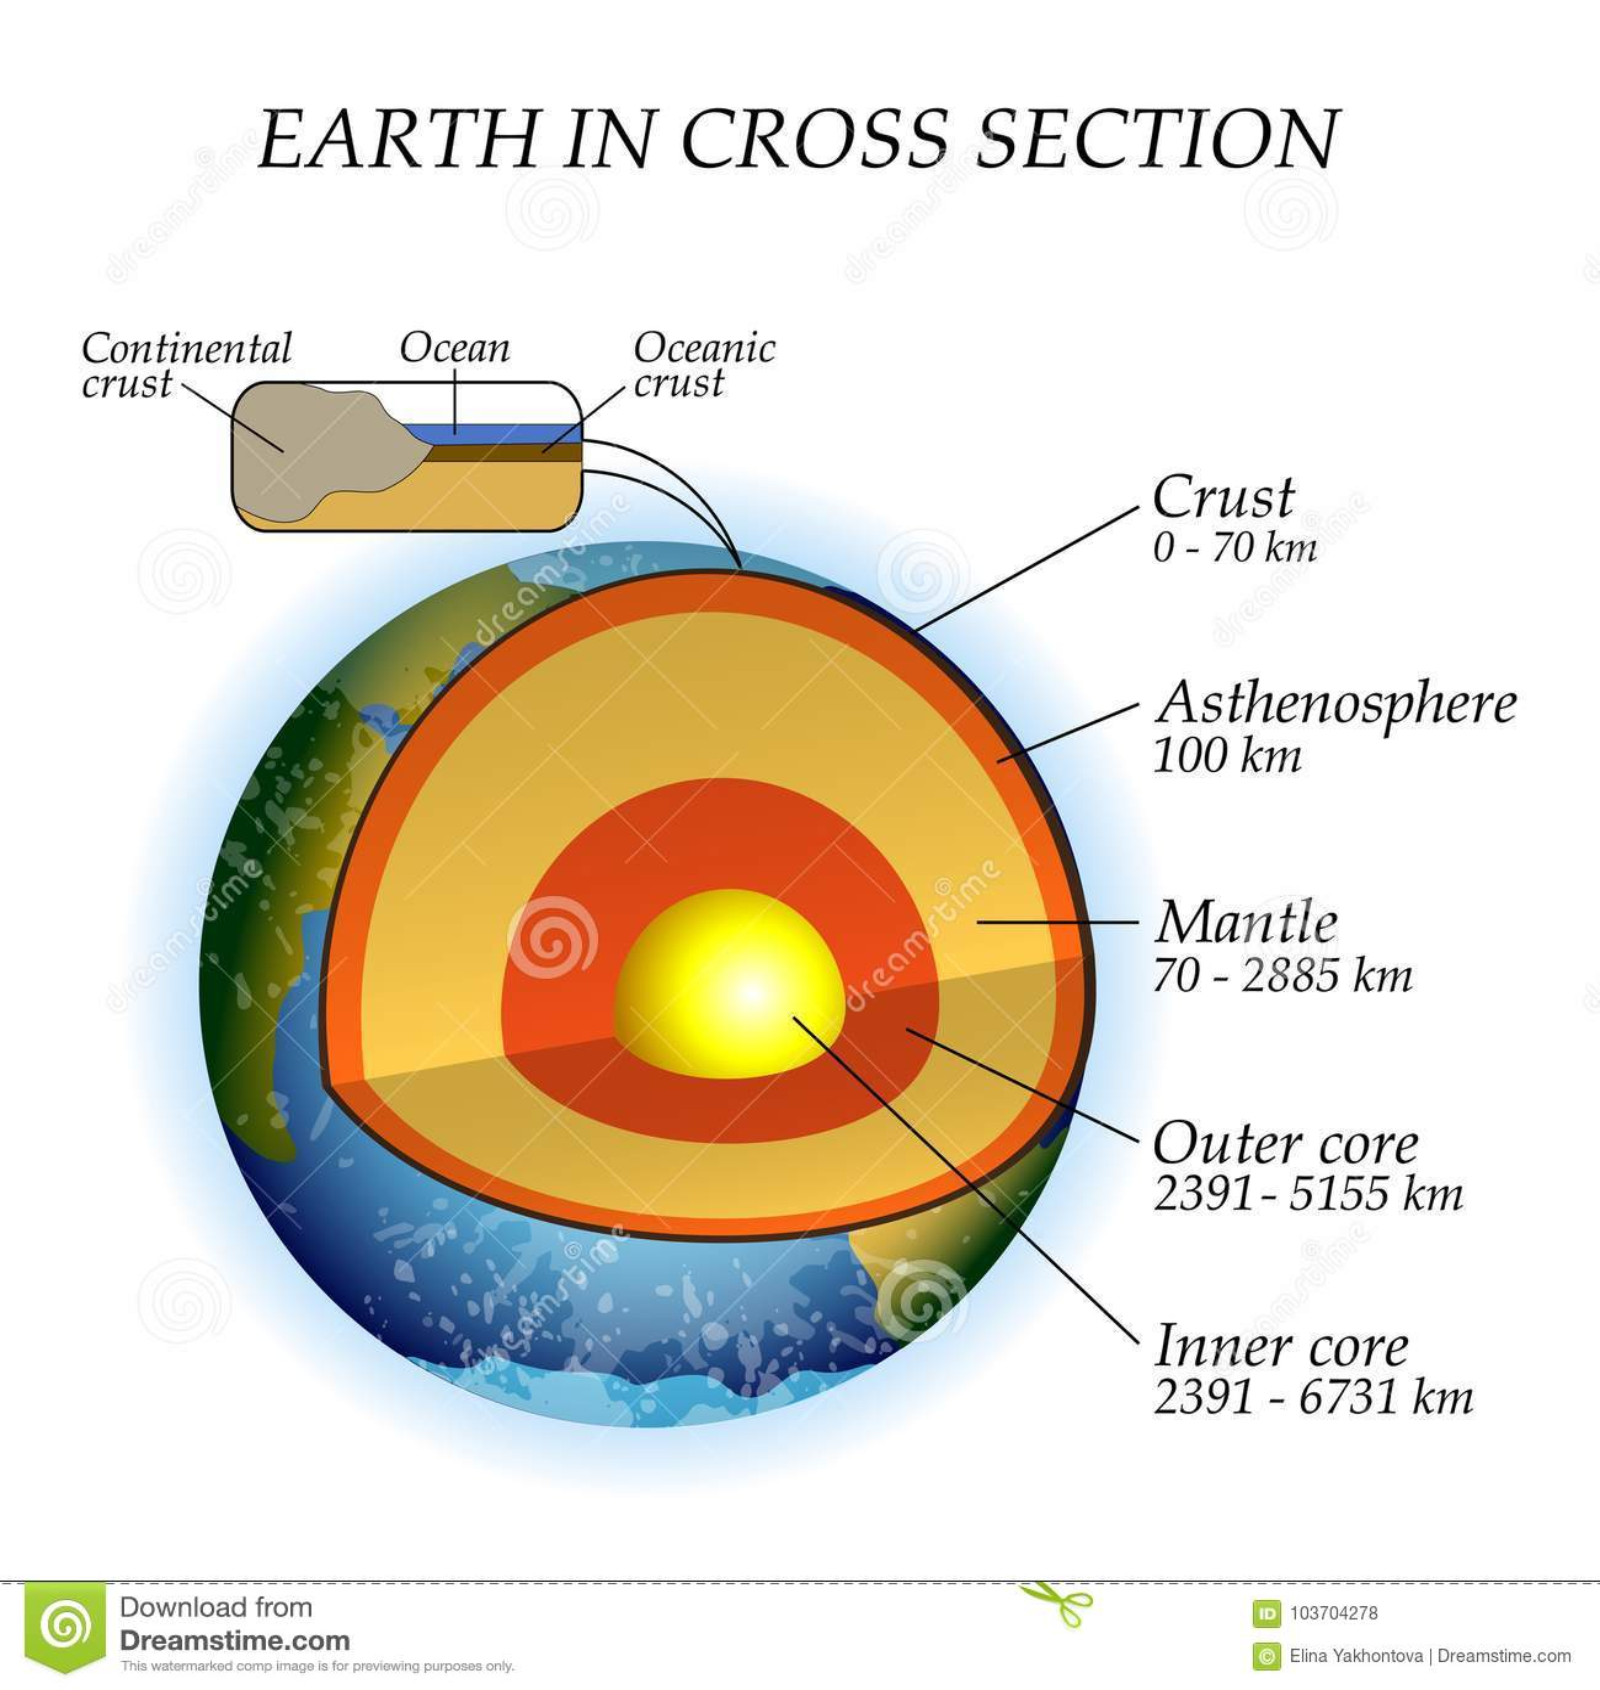 Die Struktur der Erde in einem Querschnitt, die Schichten des Kernes, Umhang, Asthenosphere Schablone für Bildung, Vektor